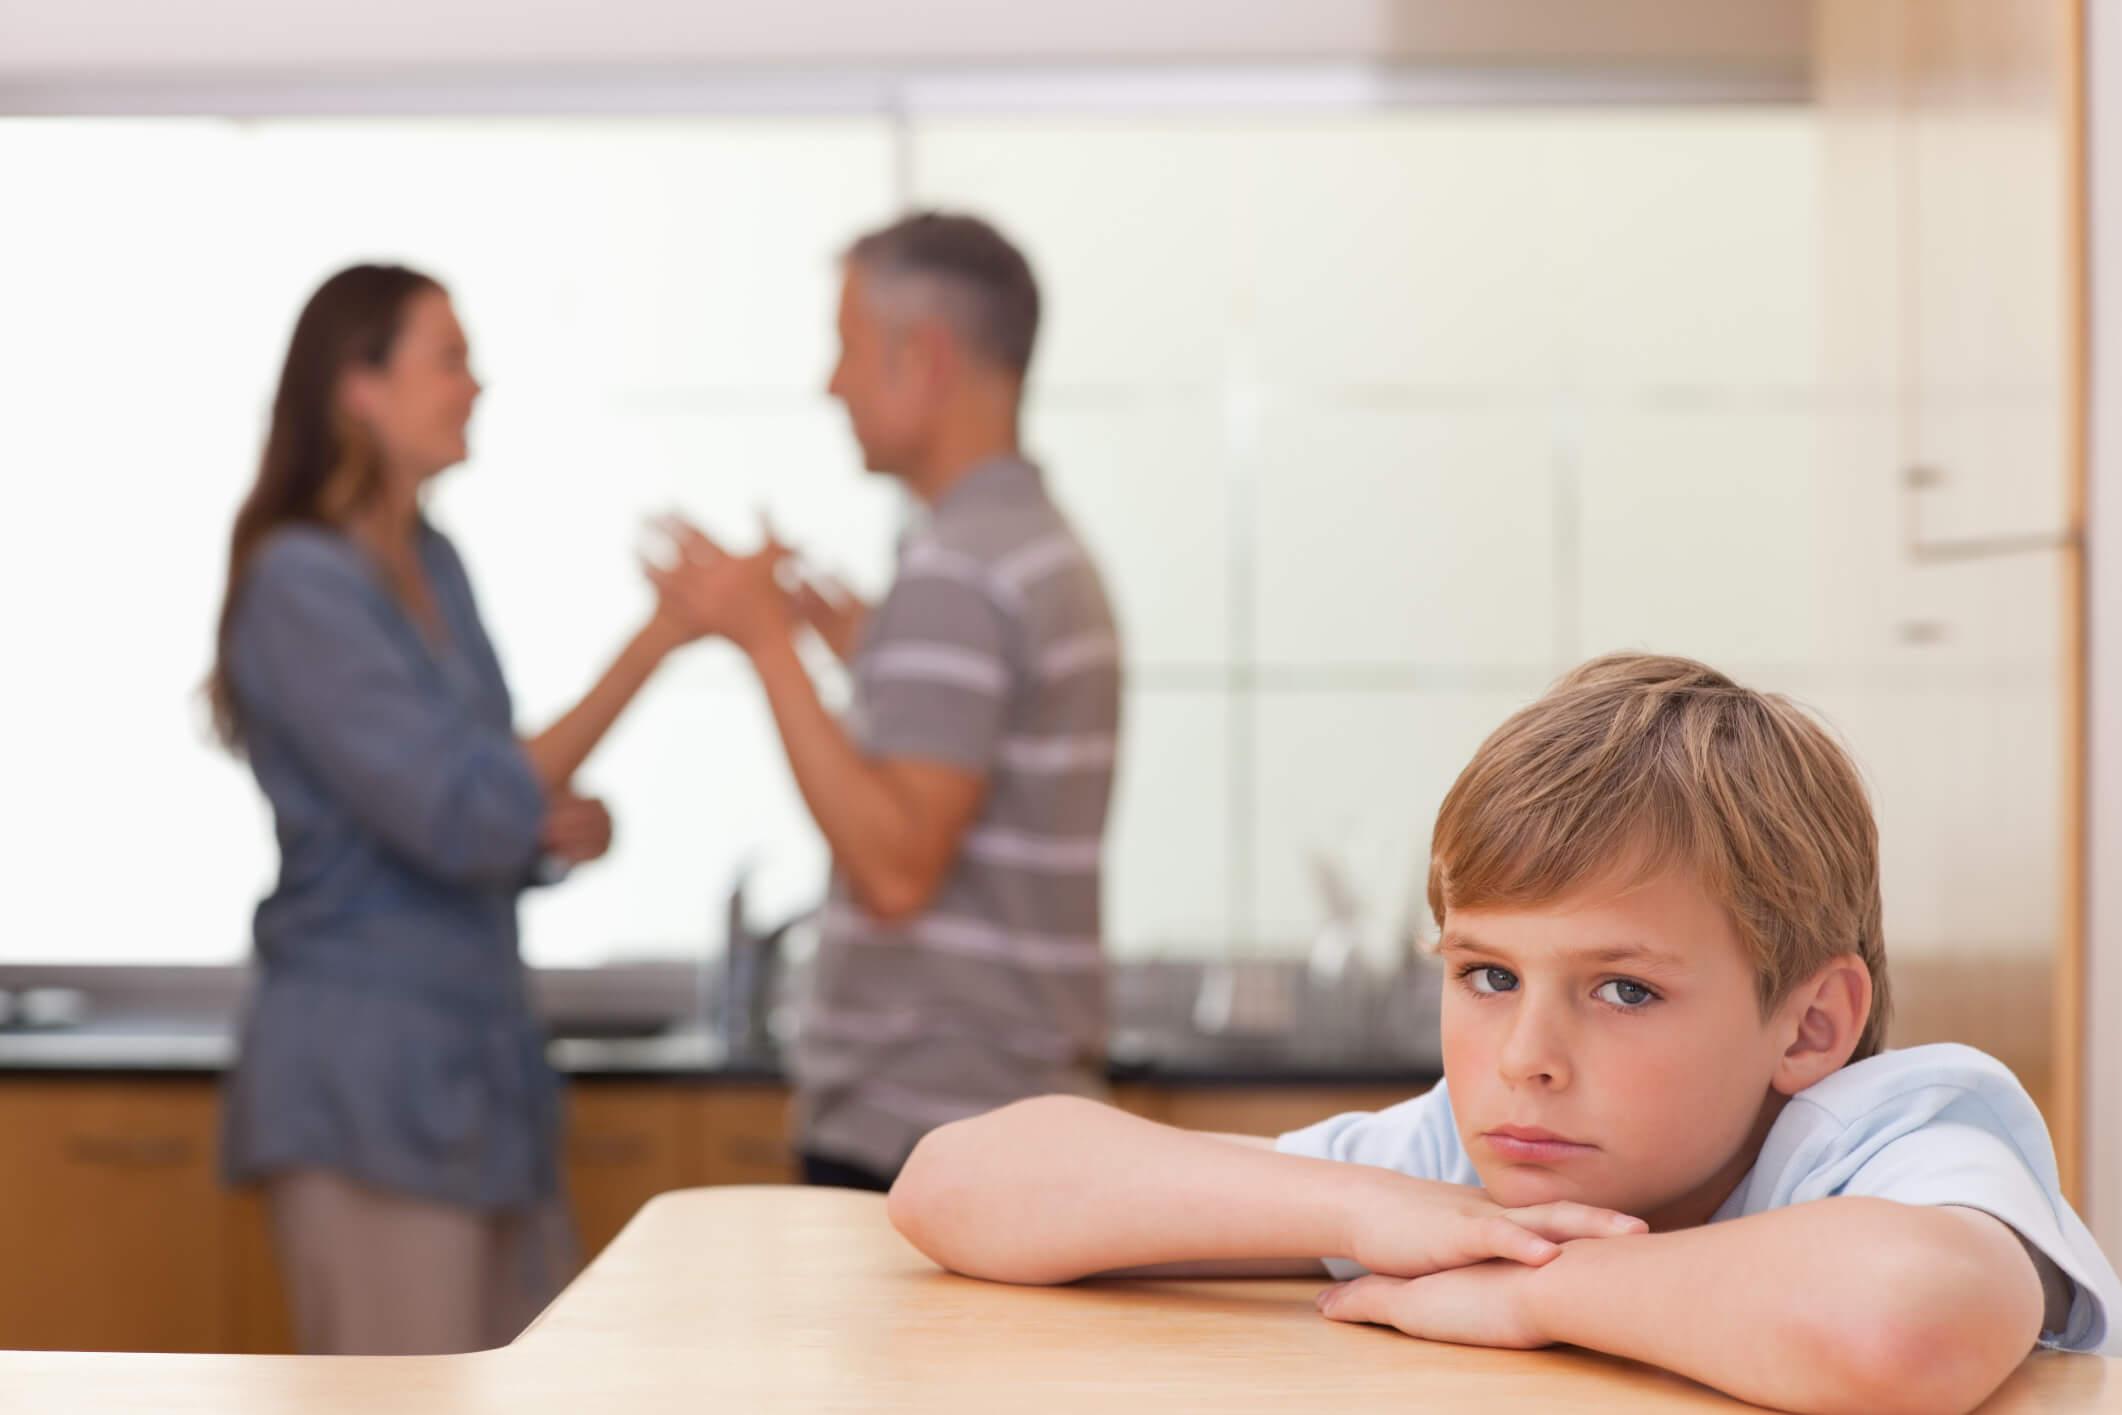 口論する親のそばにいる子供